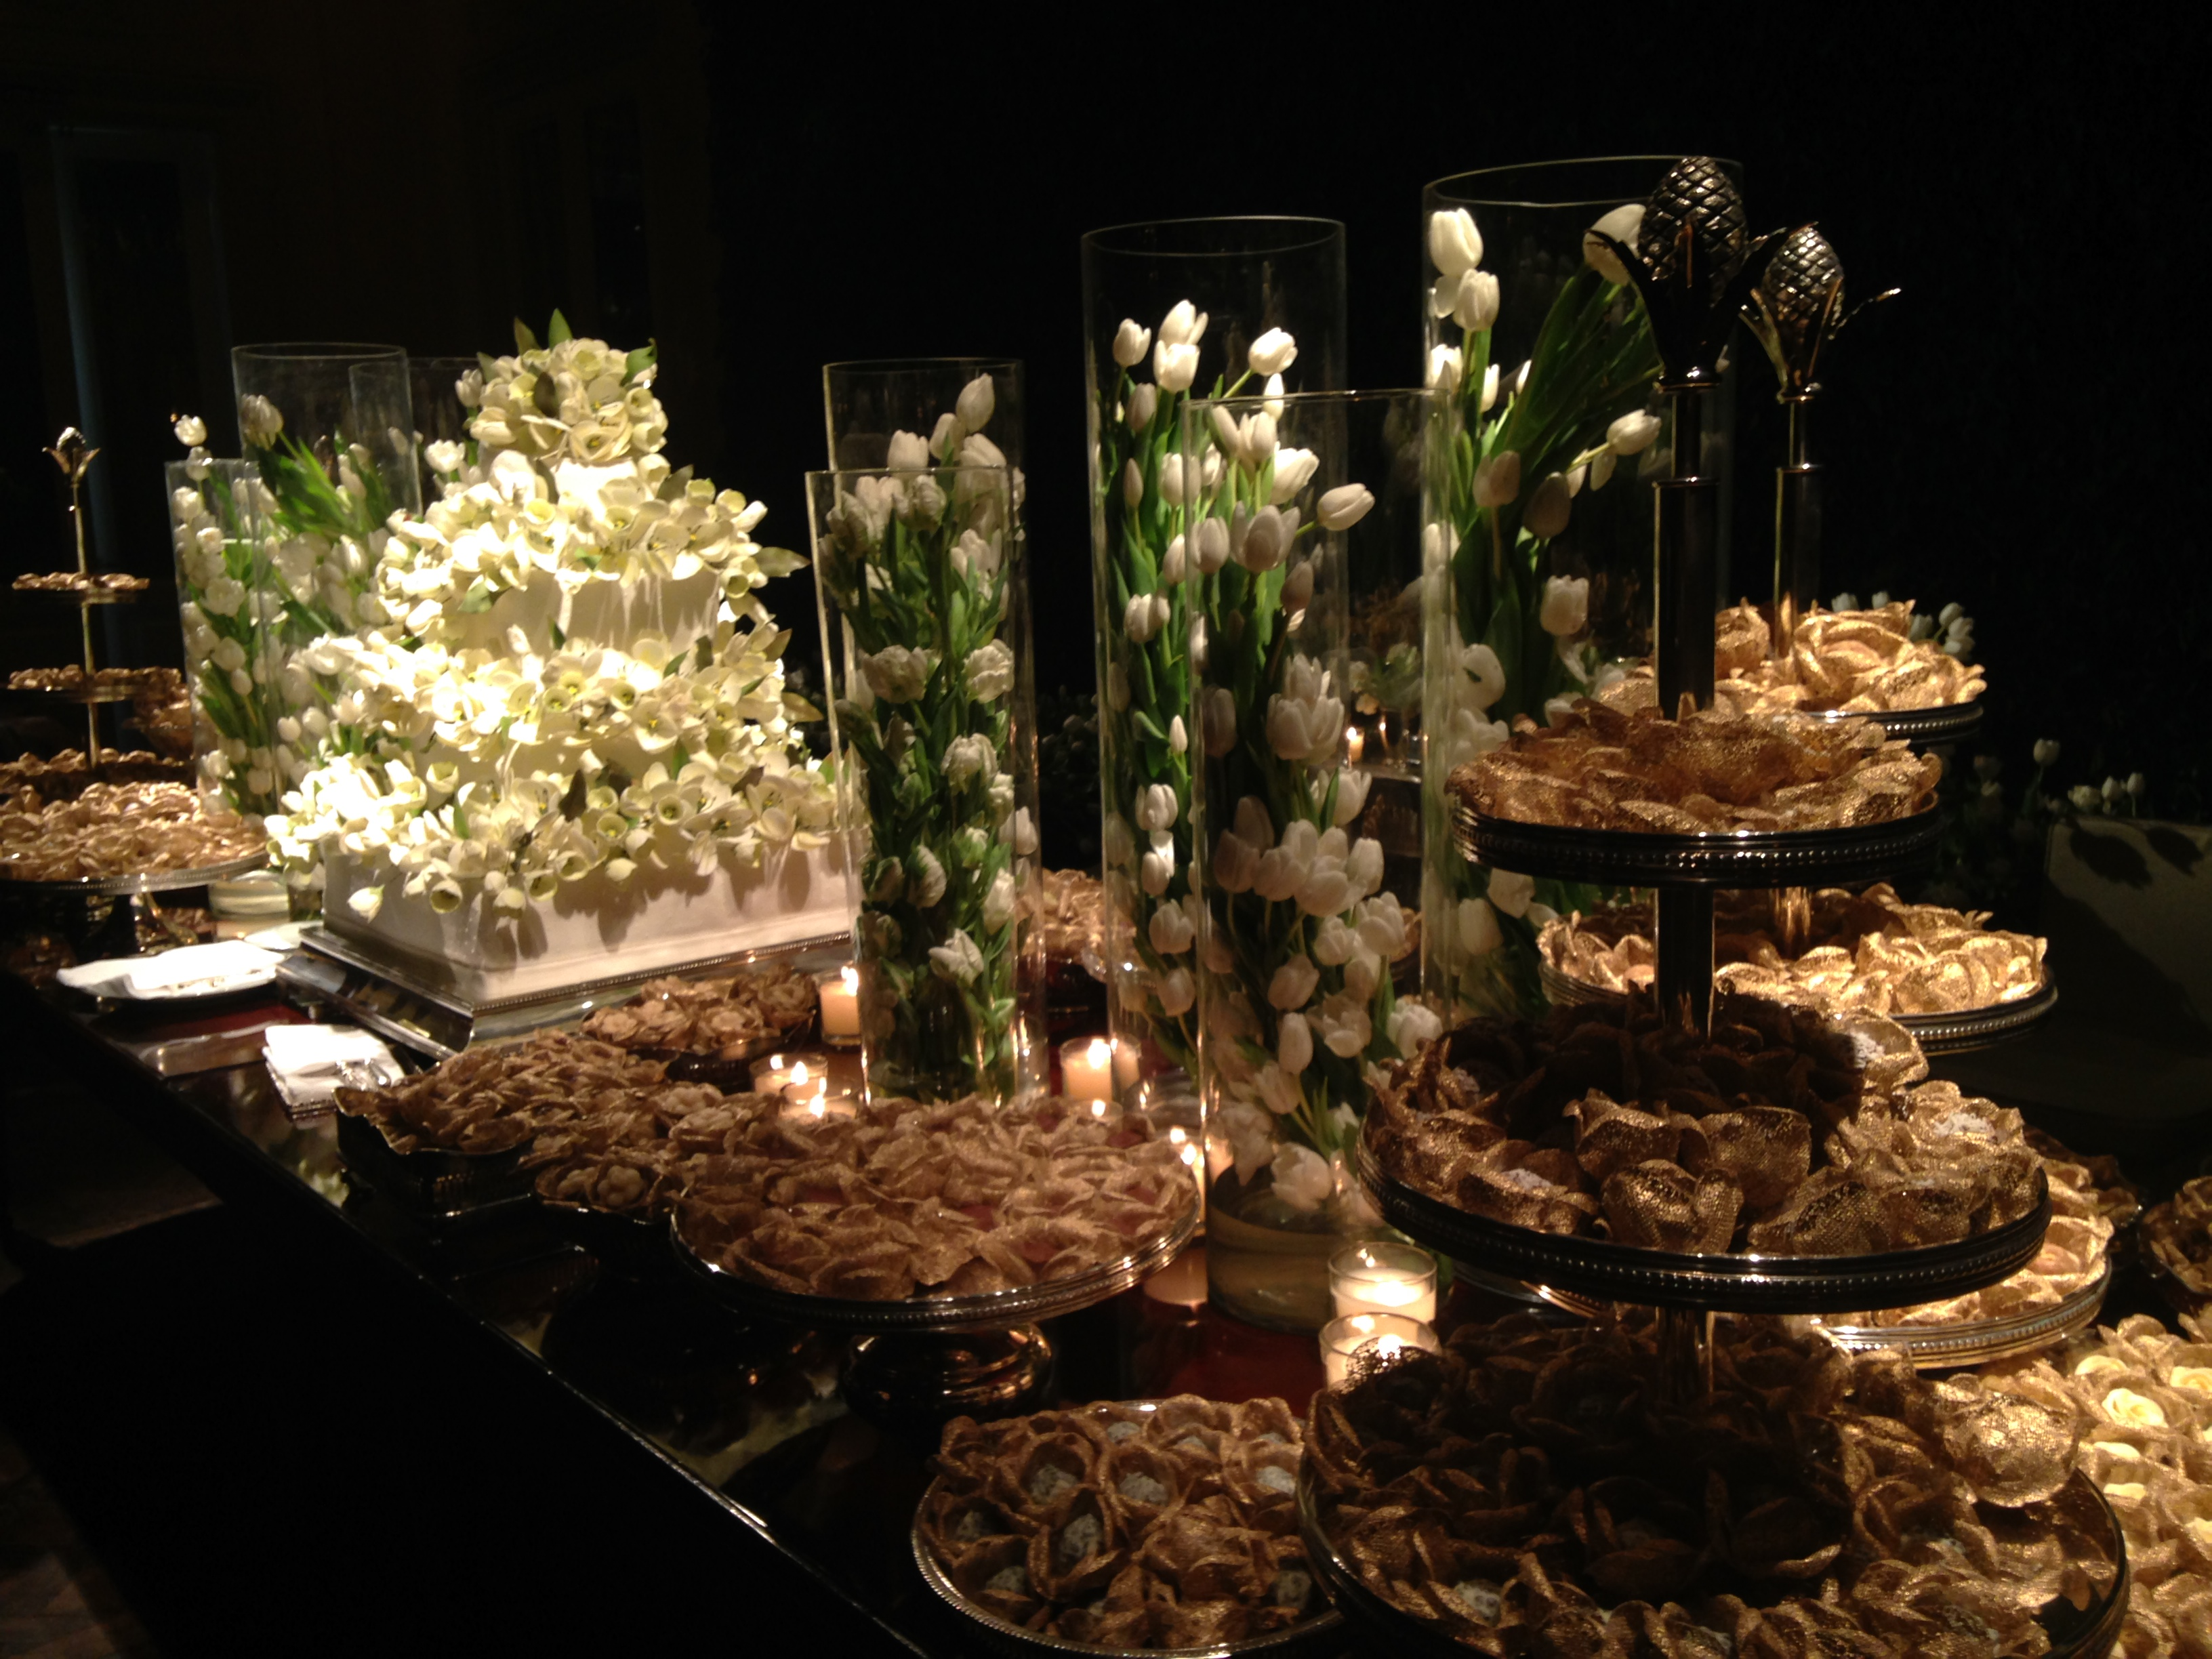 A mesa dos doces, feitos pela doceria Pati Piva